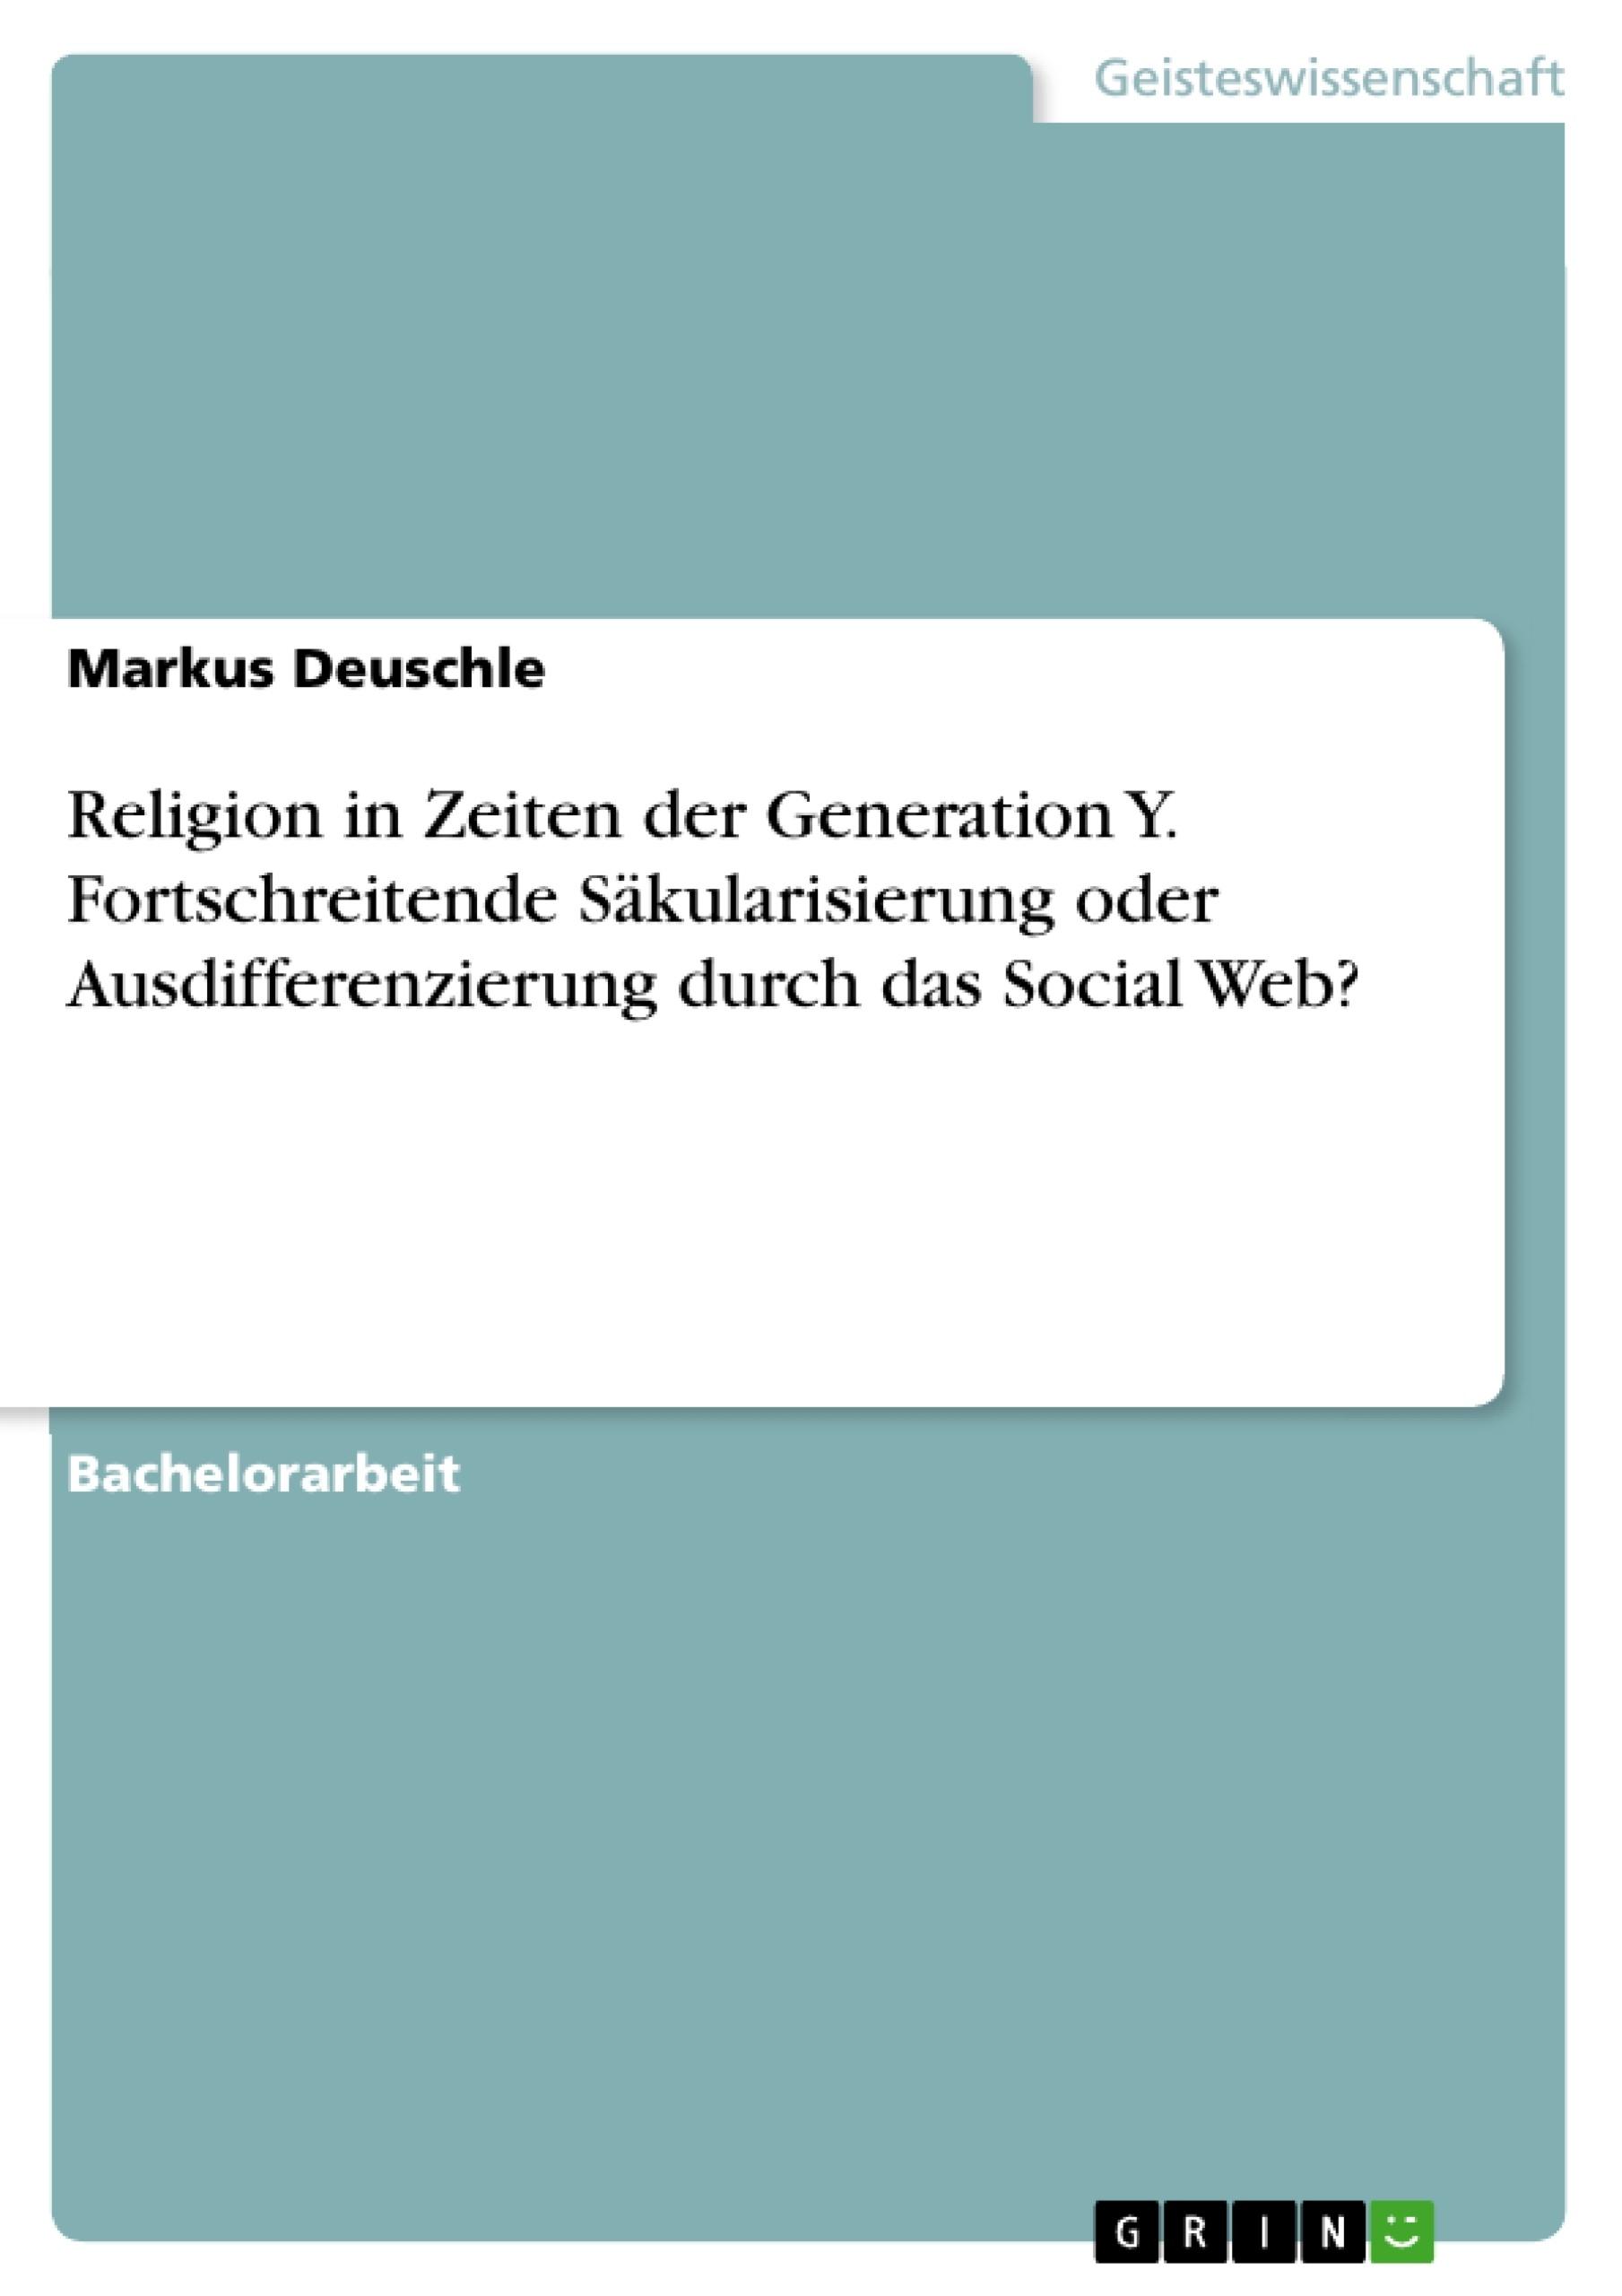 Titel: Religion in Zeiten der Generation Y. Fortschreitende Säkularisierung oder Ausdifferenzierung durch das Social Web?